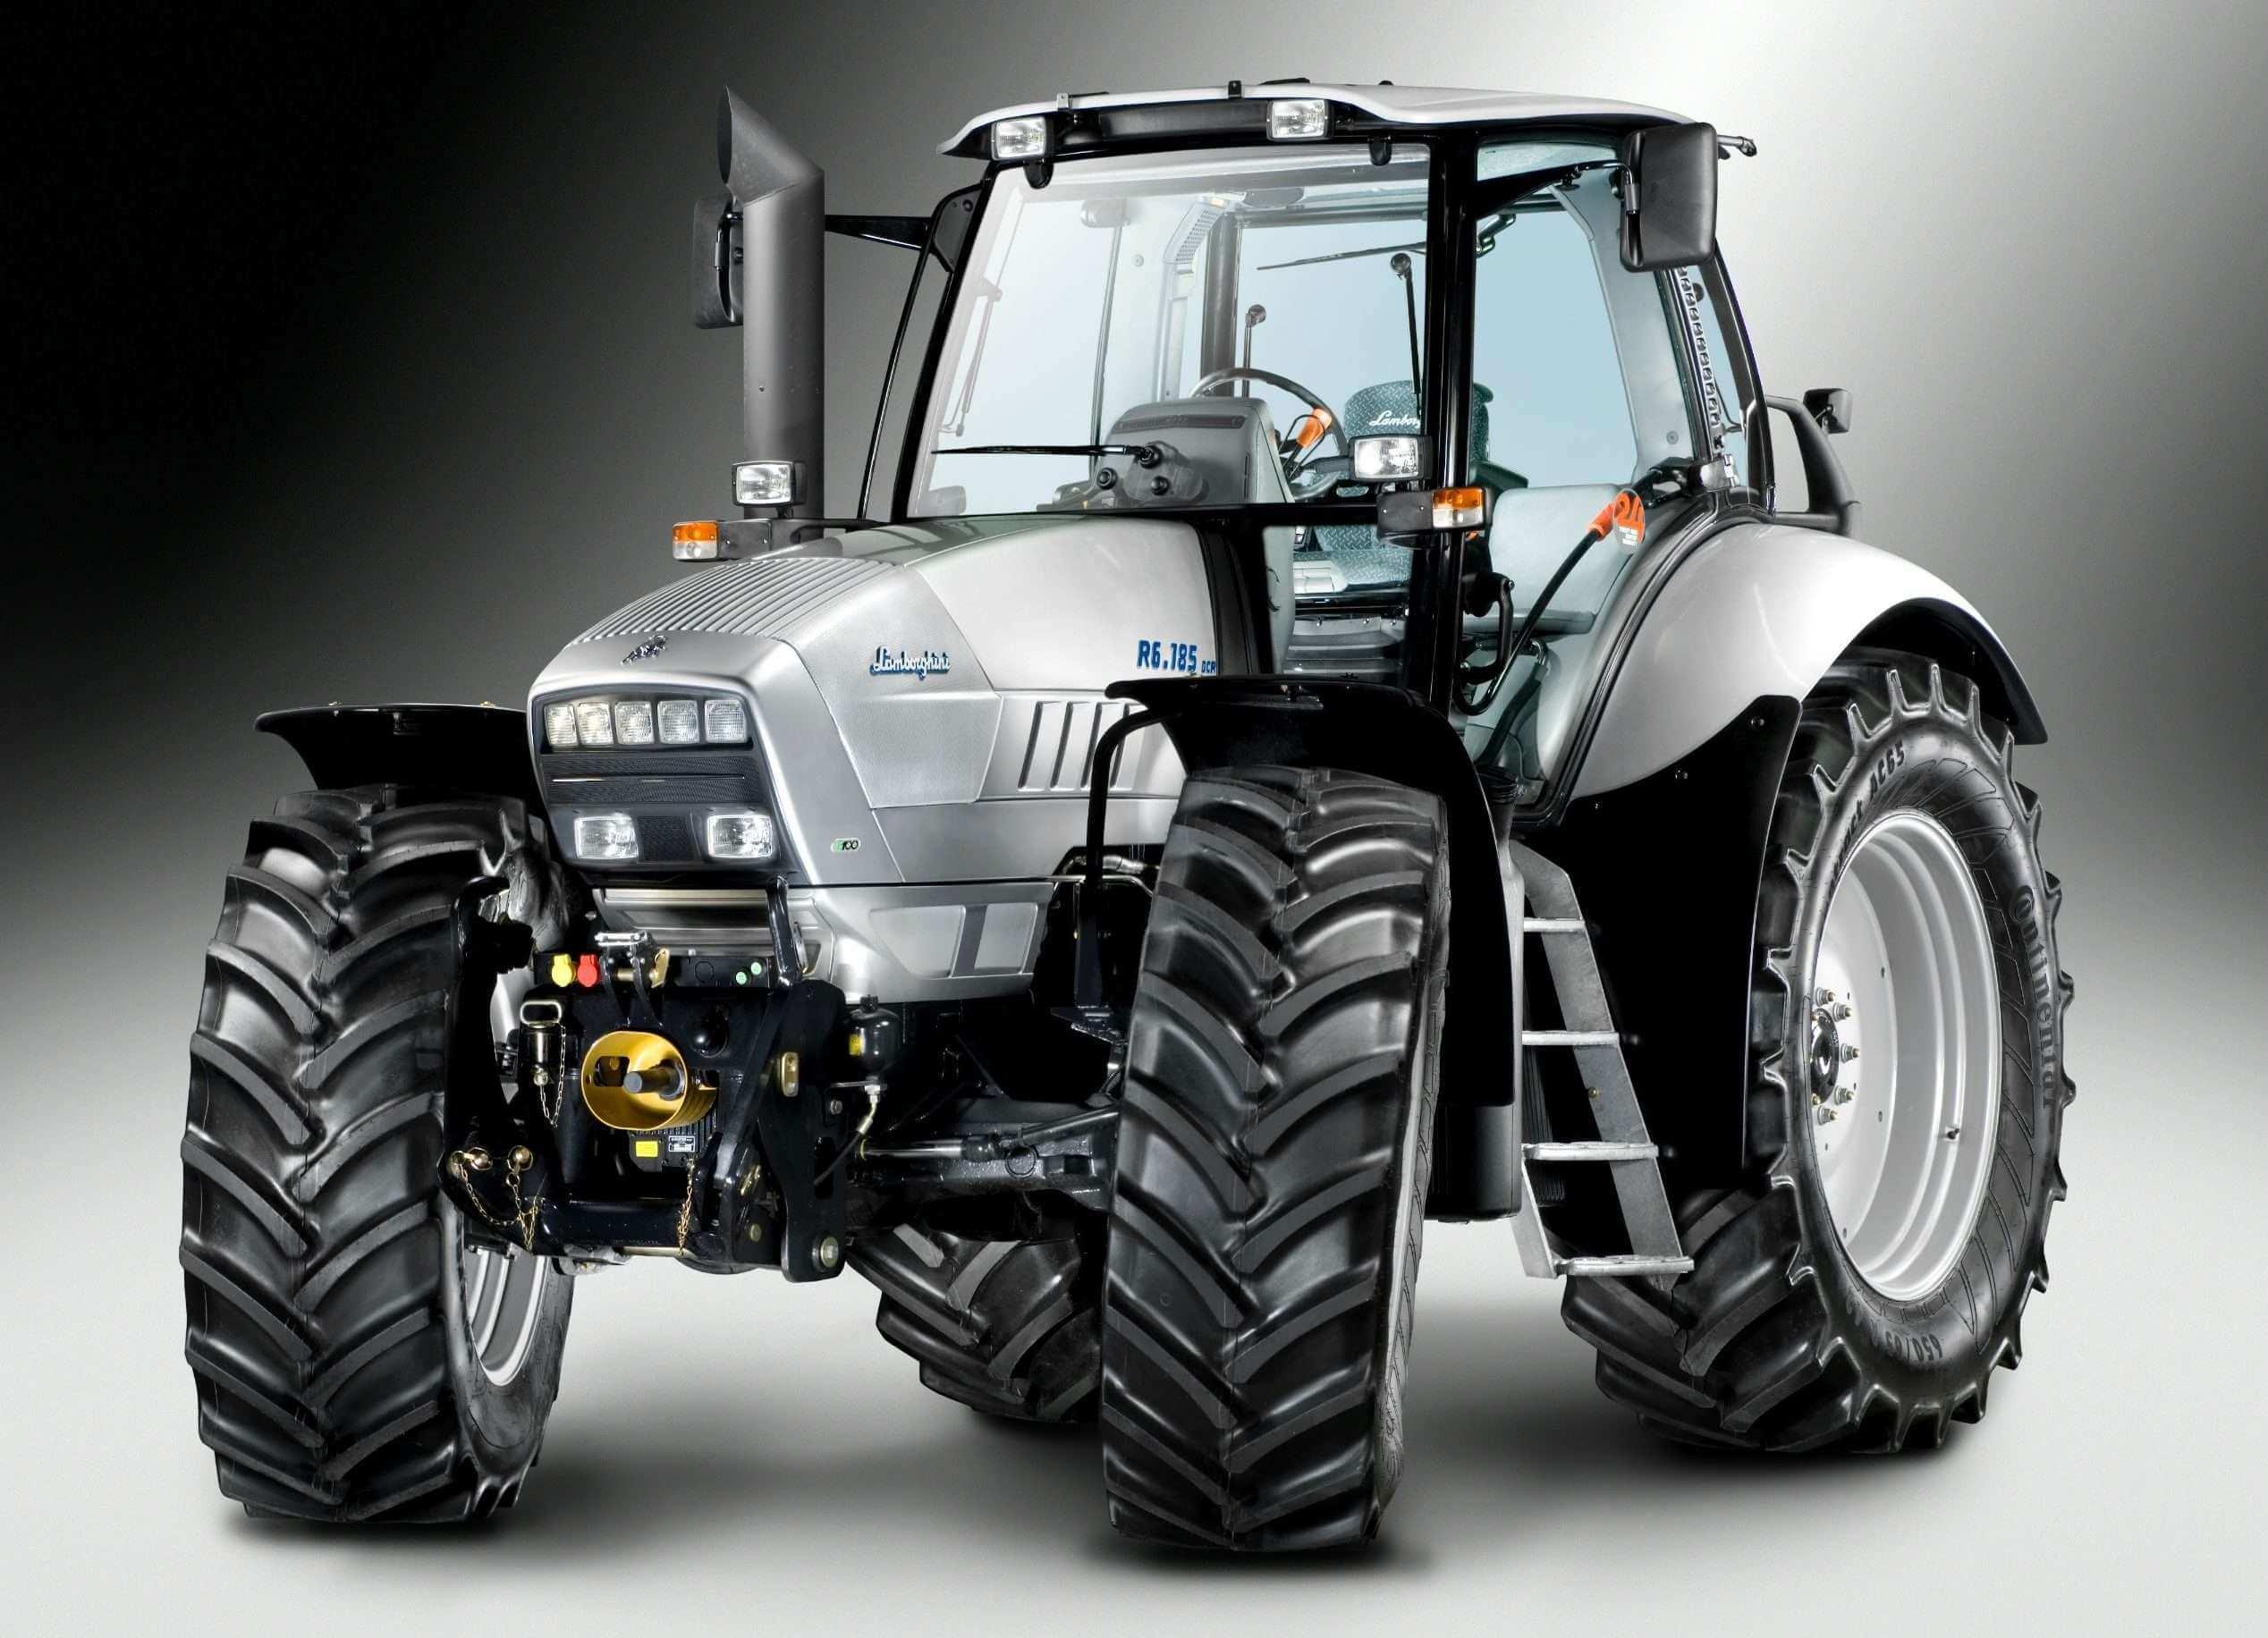 Lamborghini-tractor-e1464938973445.jpg